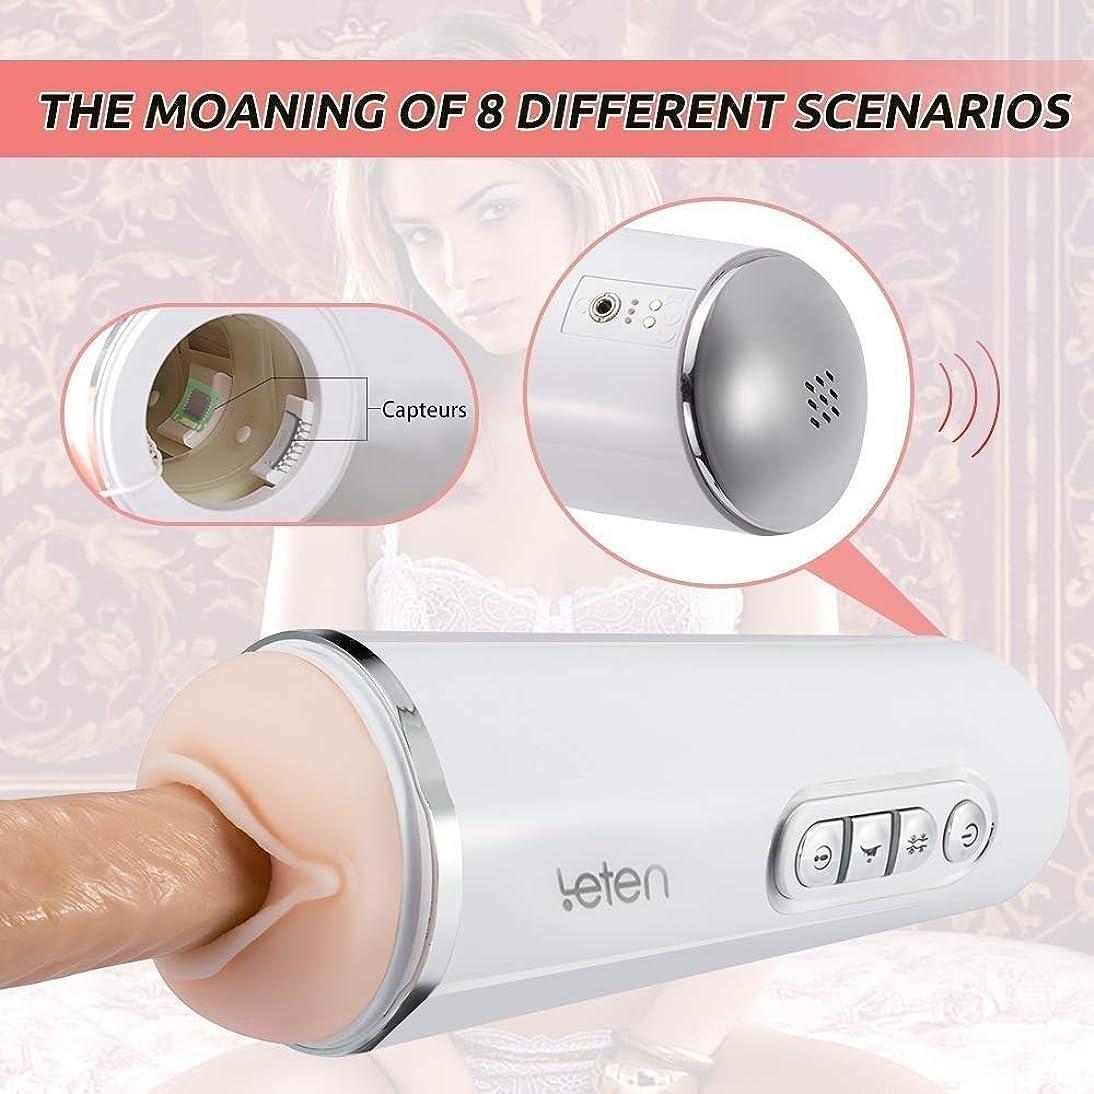 かみそりシールスプレーWJPCR 声の相互作用の男性の自動ピストンカップの吸引および暖房の電子マッサージのコップの男性のおもちゃ